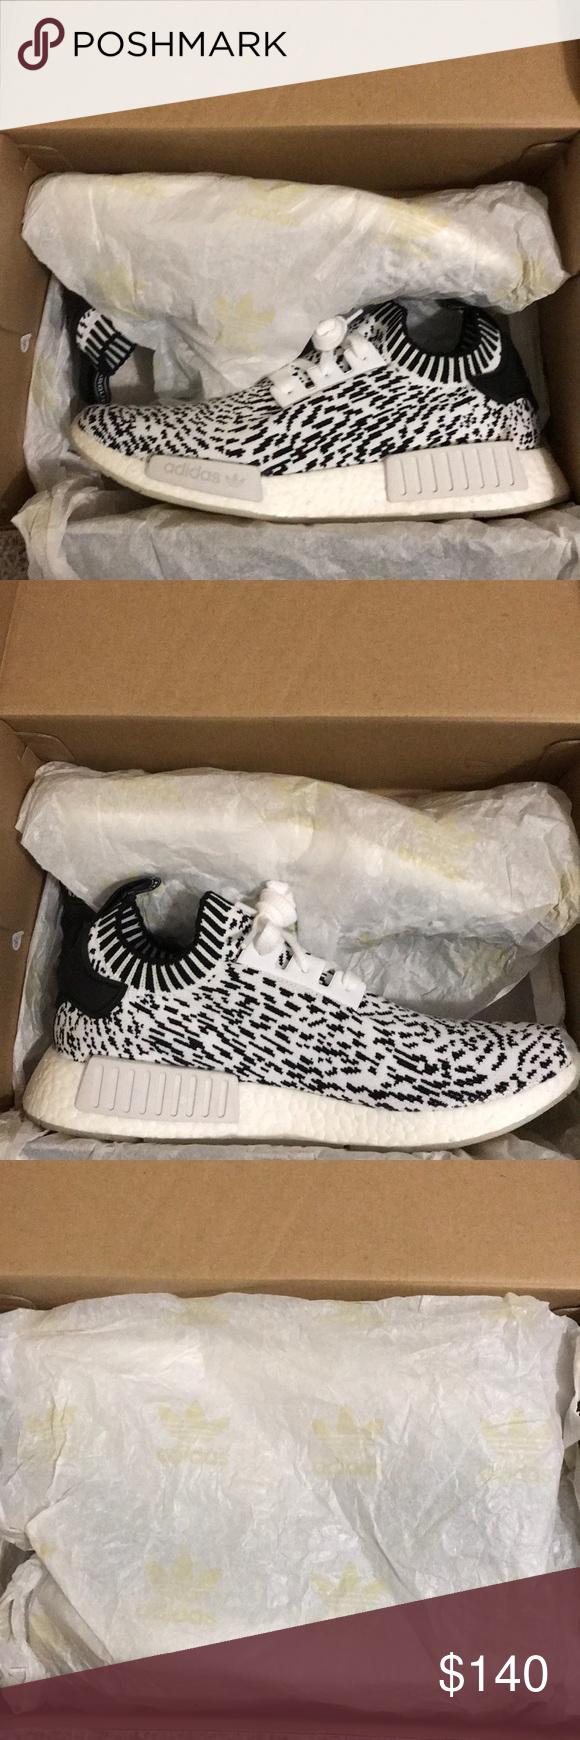 adidas nmd r1 primeknit scarpe nuove adidas nmd bianco e nero r1